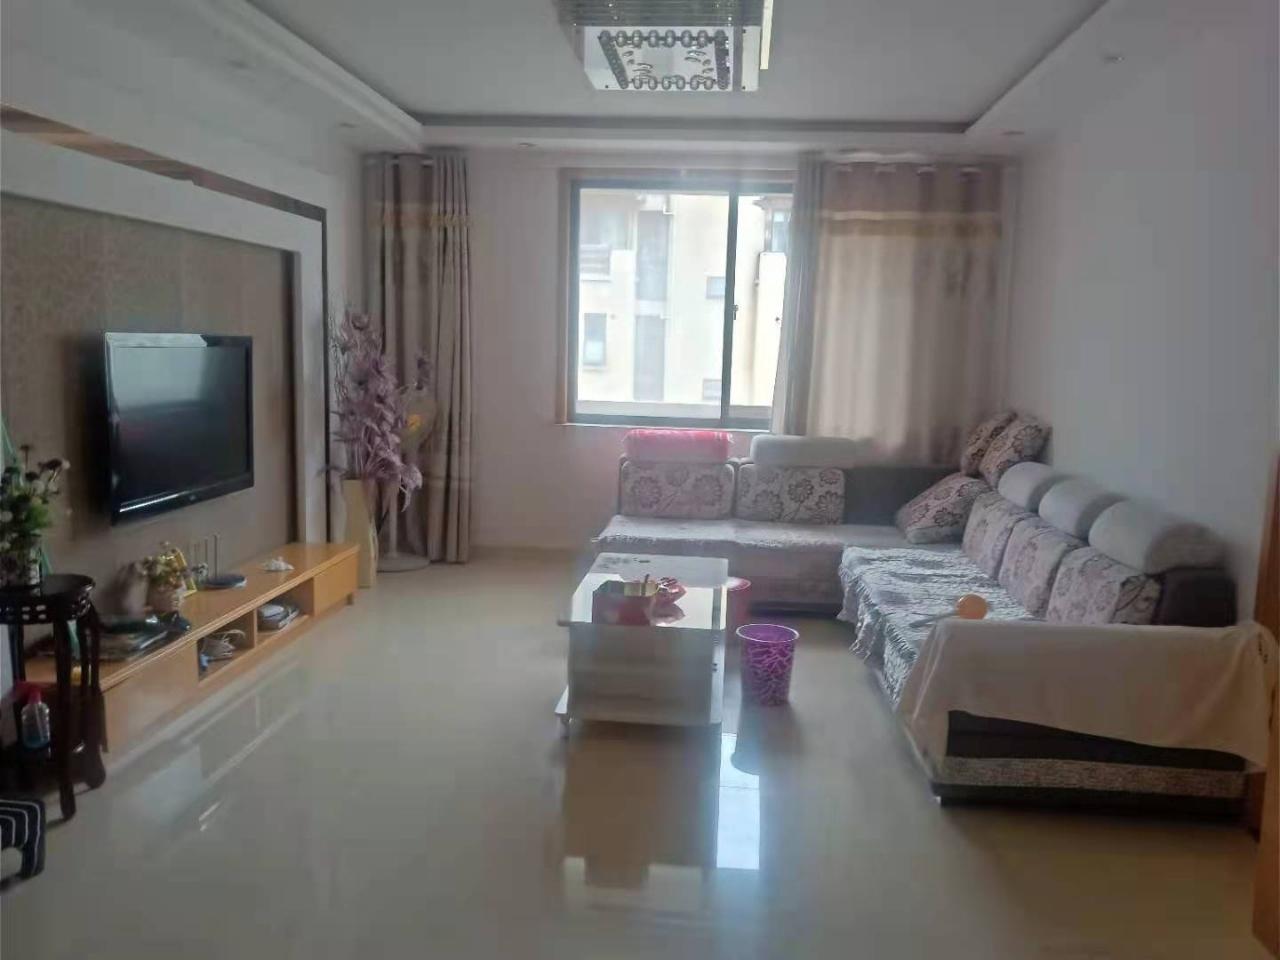 波西塔诺三室4楼114平米精装无税宝塔校区101.8万